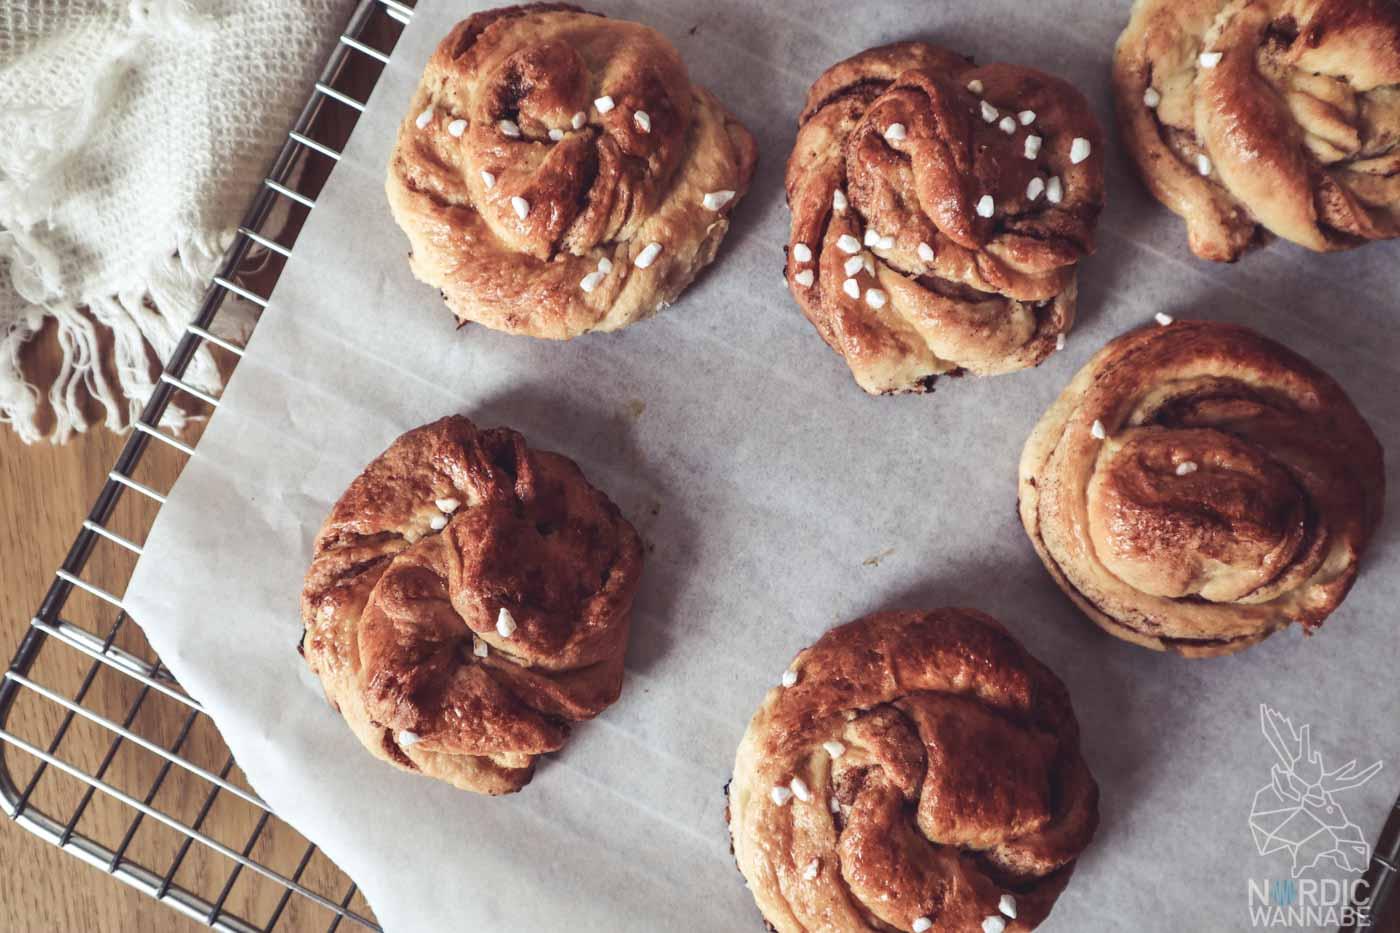 Zimtschnecken, lecker, einfach, Rezept, schwedische Zimtschnecken, Zimtschnecken backen, Zimtschnecken selber machen, Zimtschnecke Trockenhefe, Selbermachen, Schwedisch Zimtschnecken, Klassiker, IKEA, Nordic Foodporn, Tag der Zimtschnecke